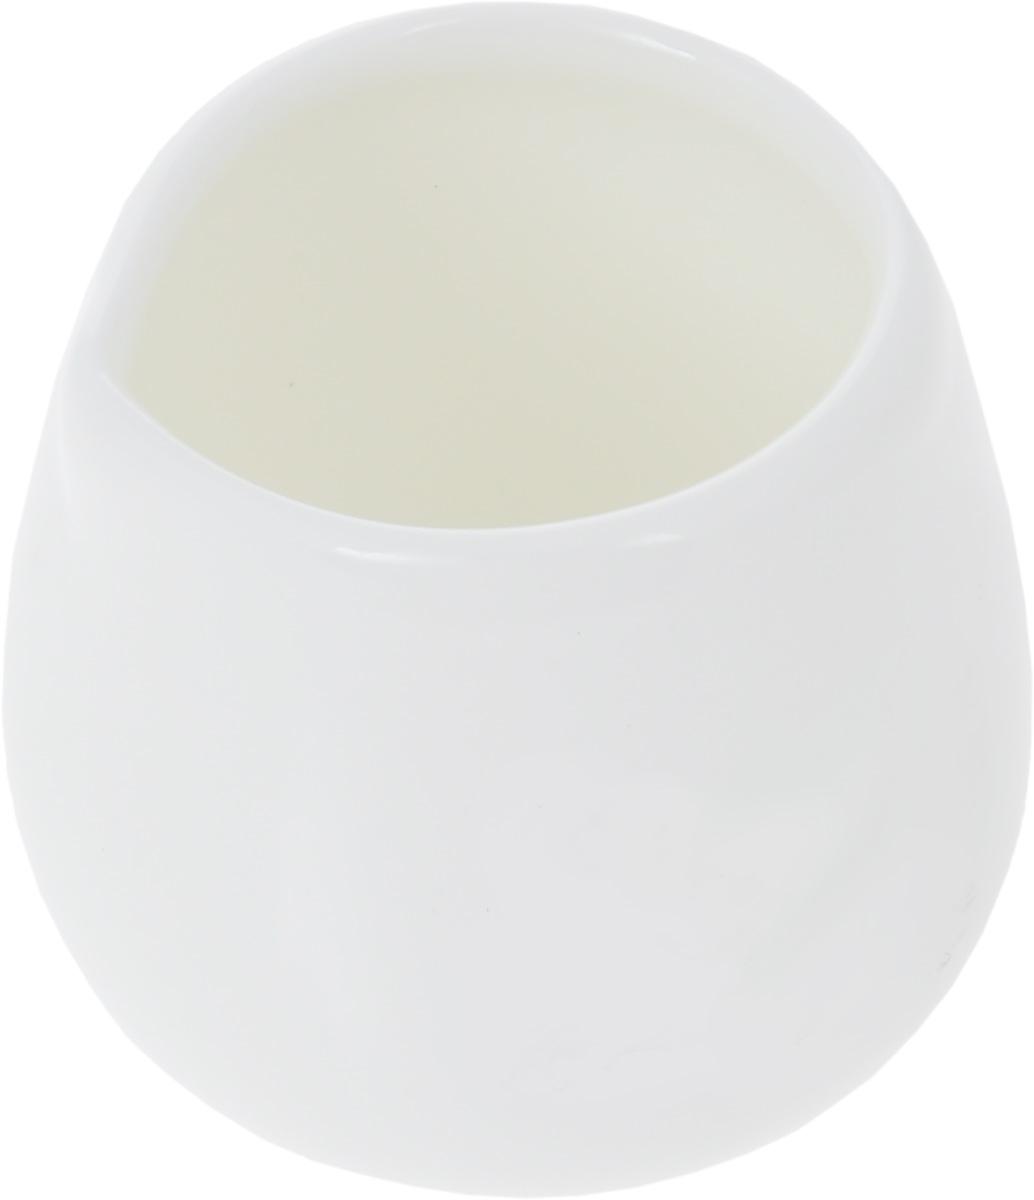 Молочник Wilmax, 50 мл115510Молочник Wilmax изготовлен из высококачественного фарфора, покрытого глазурью. Изделие предназначено для сервировки сливок или молока. Такой молочник отлично подойдет как для праздничного чаепития, так и для повседневного использования. Изделие функциональное, практичное и легкое в уходе. Диаметр (по верхнему краю): 3,5 см. Высота: 4,5 см.